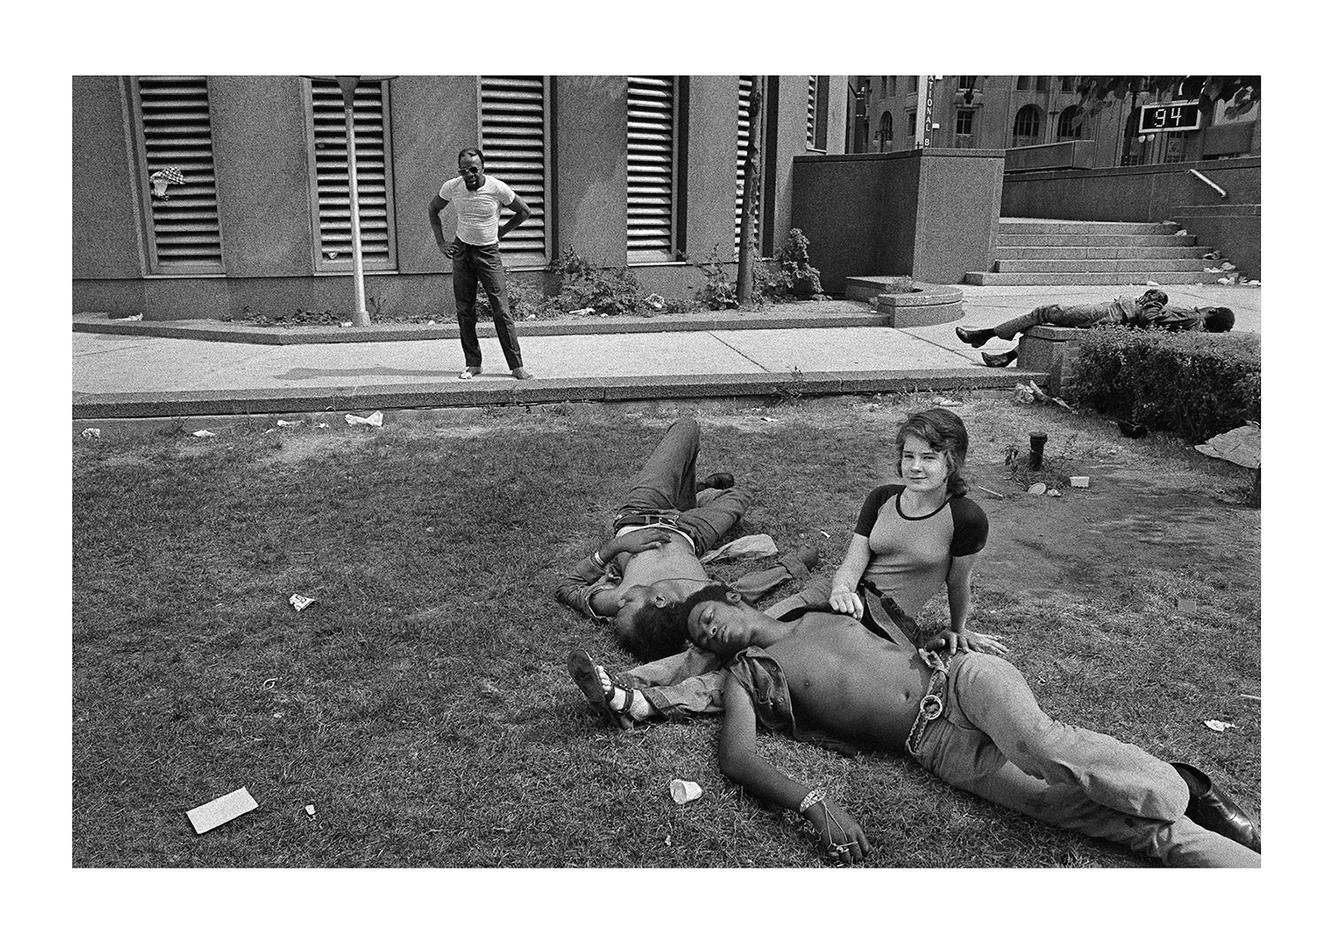 Bi-racial Couple in Park, Detroit 1972